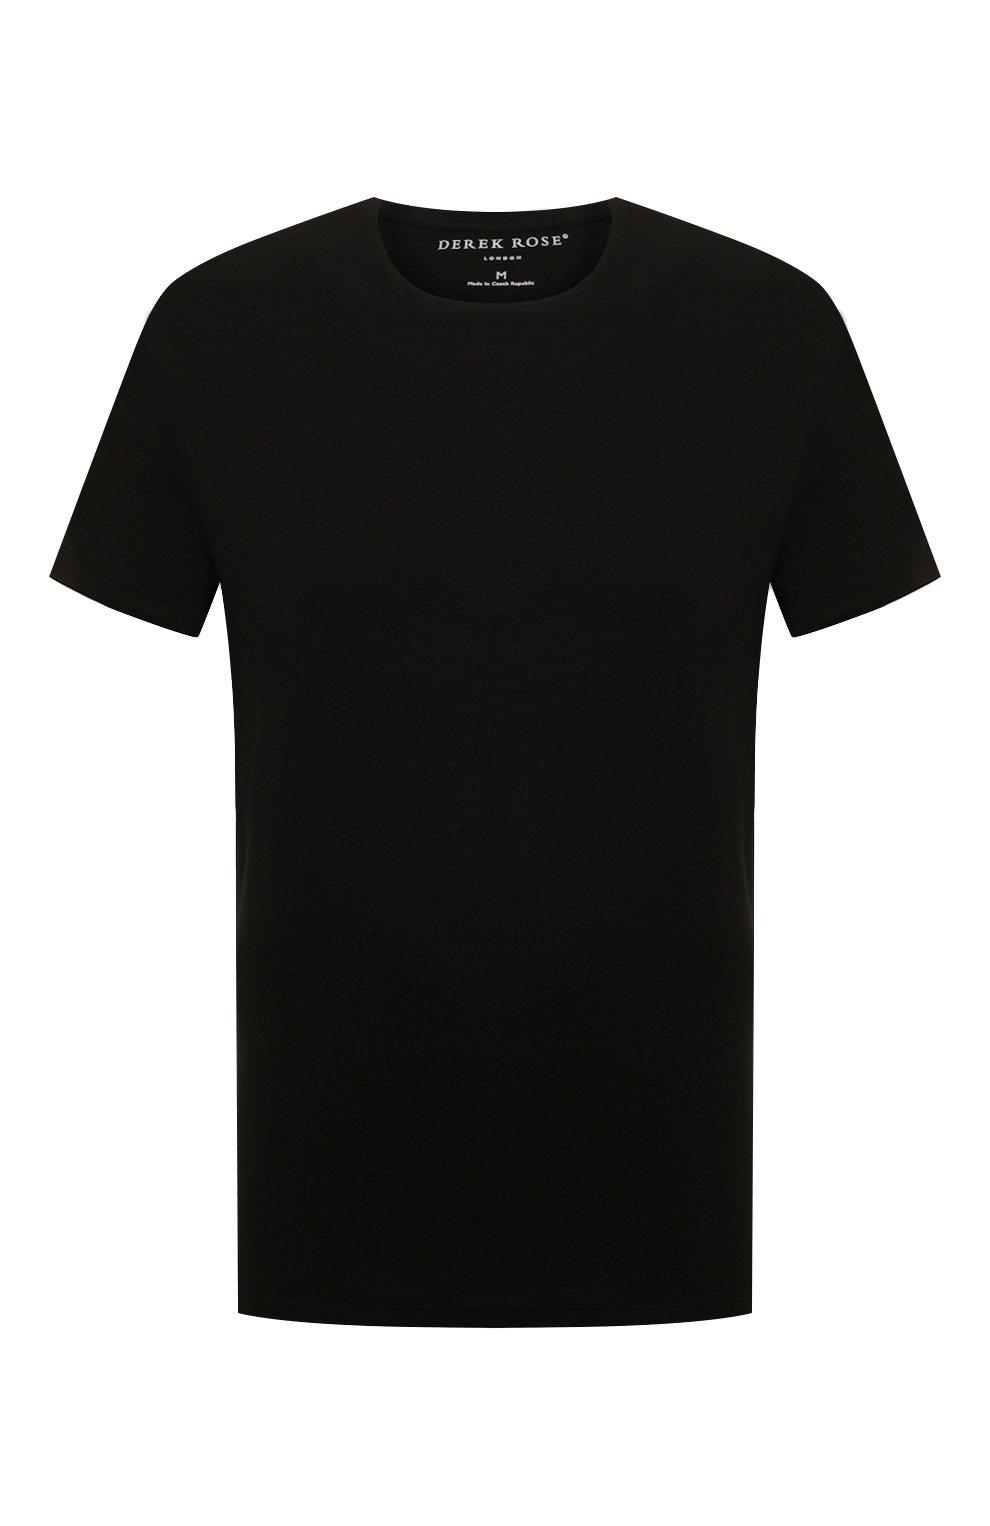 Мужская футболка DEREK ROSE черного цвета, арт. 3048-BASE001   Фото 1 (Кросс-КТ: домашняя одежда; Рукава: Короткие; Материал внешний: Синтетический материал; Длина (для топов): Стандартные; Мужское Кросс-КТ: Футболка-белье; Статус проверки: Проверено, Проверена категория)